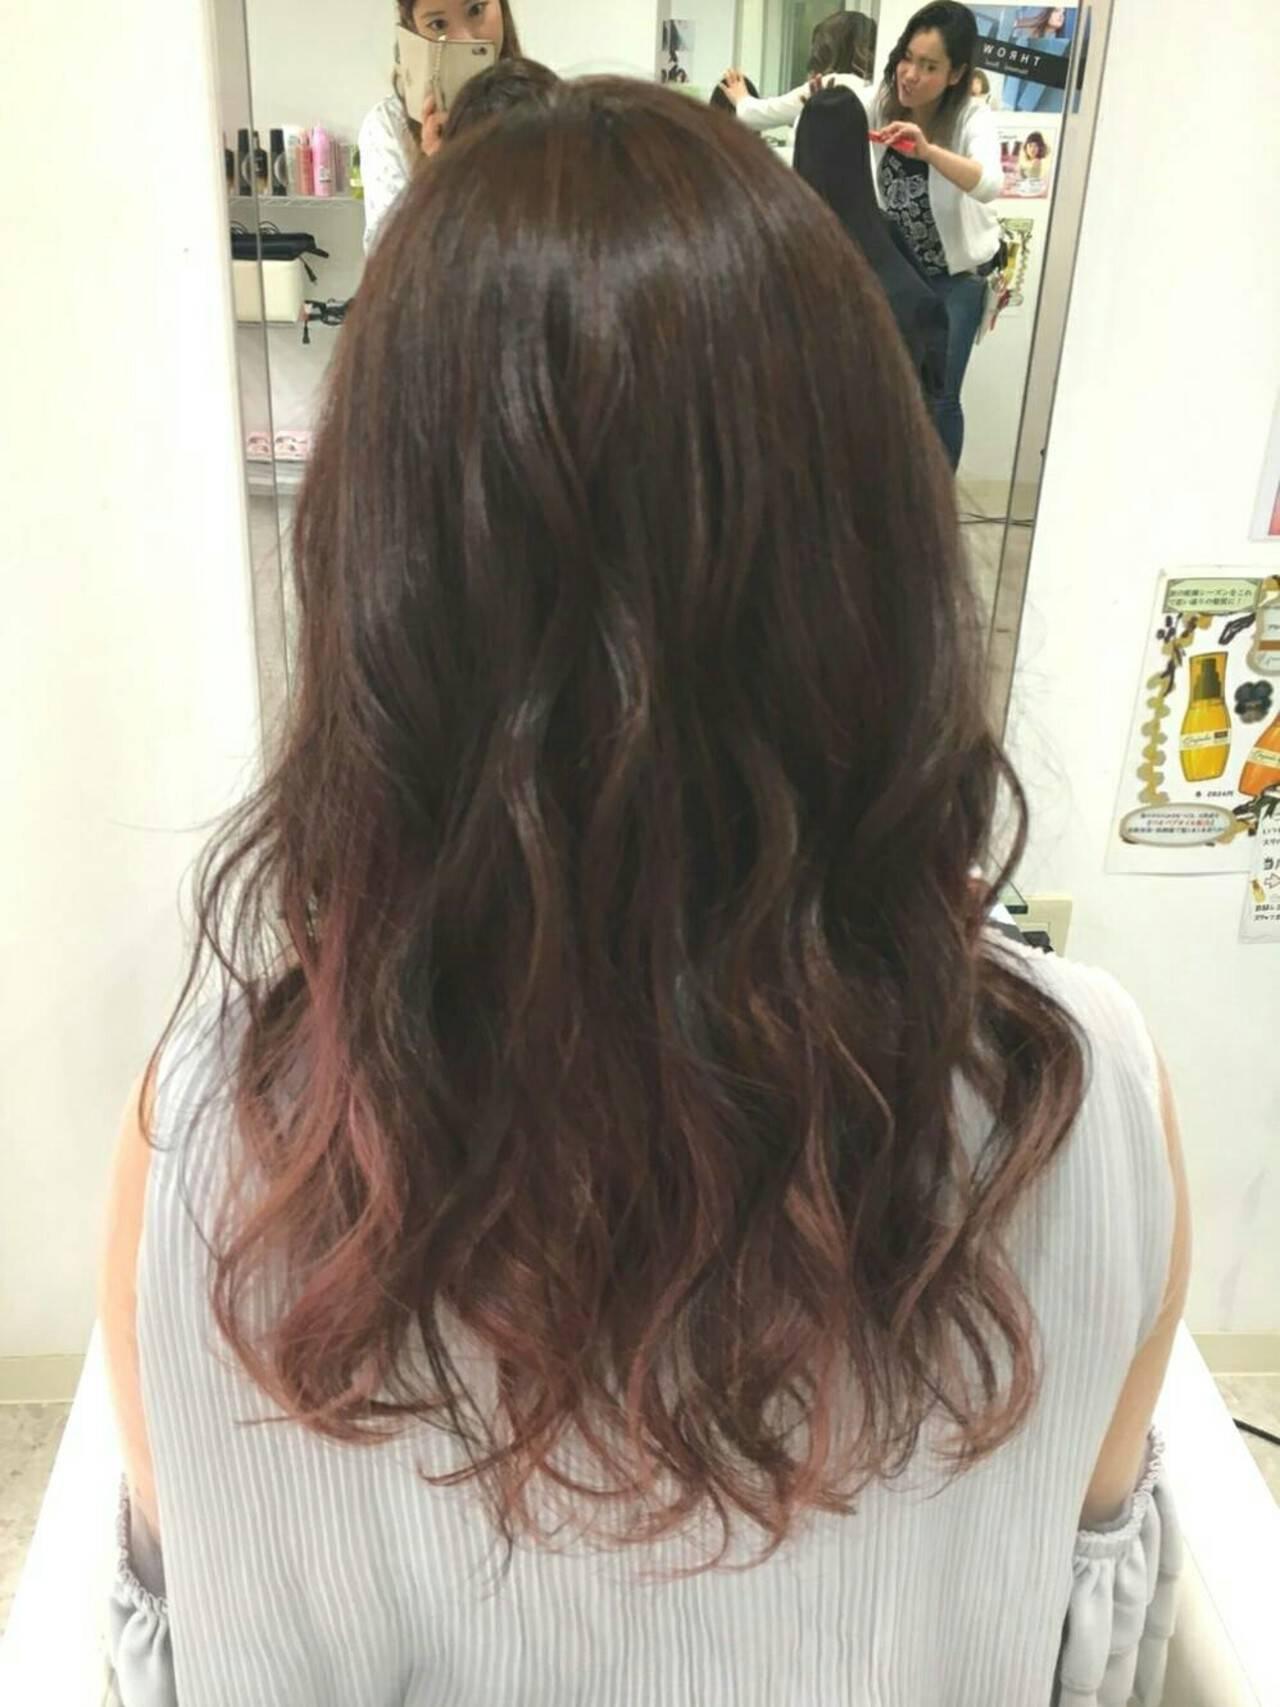 ピンク ナチュラル デート 女子会ヘアスタイルや髪型の写真・画像